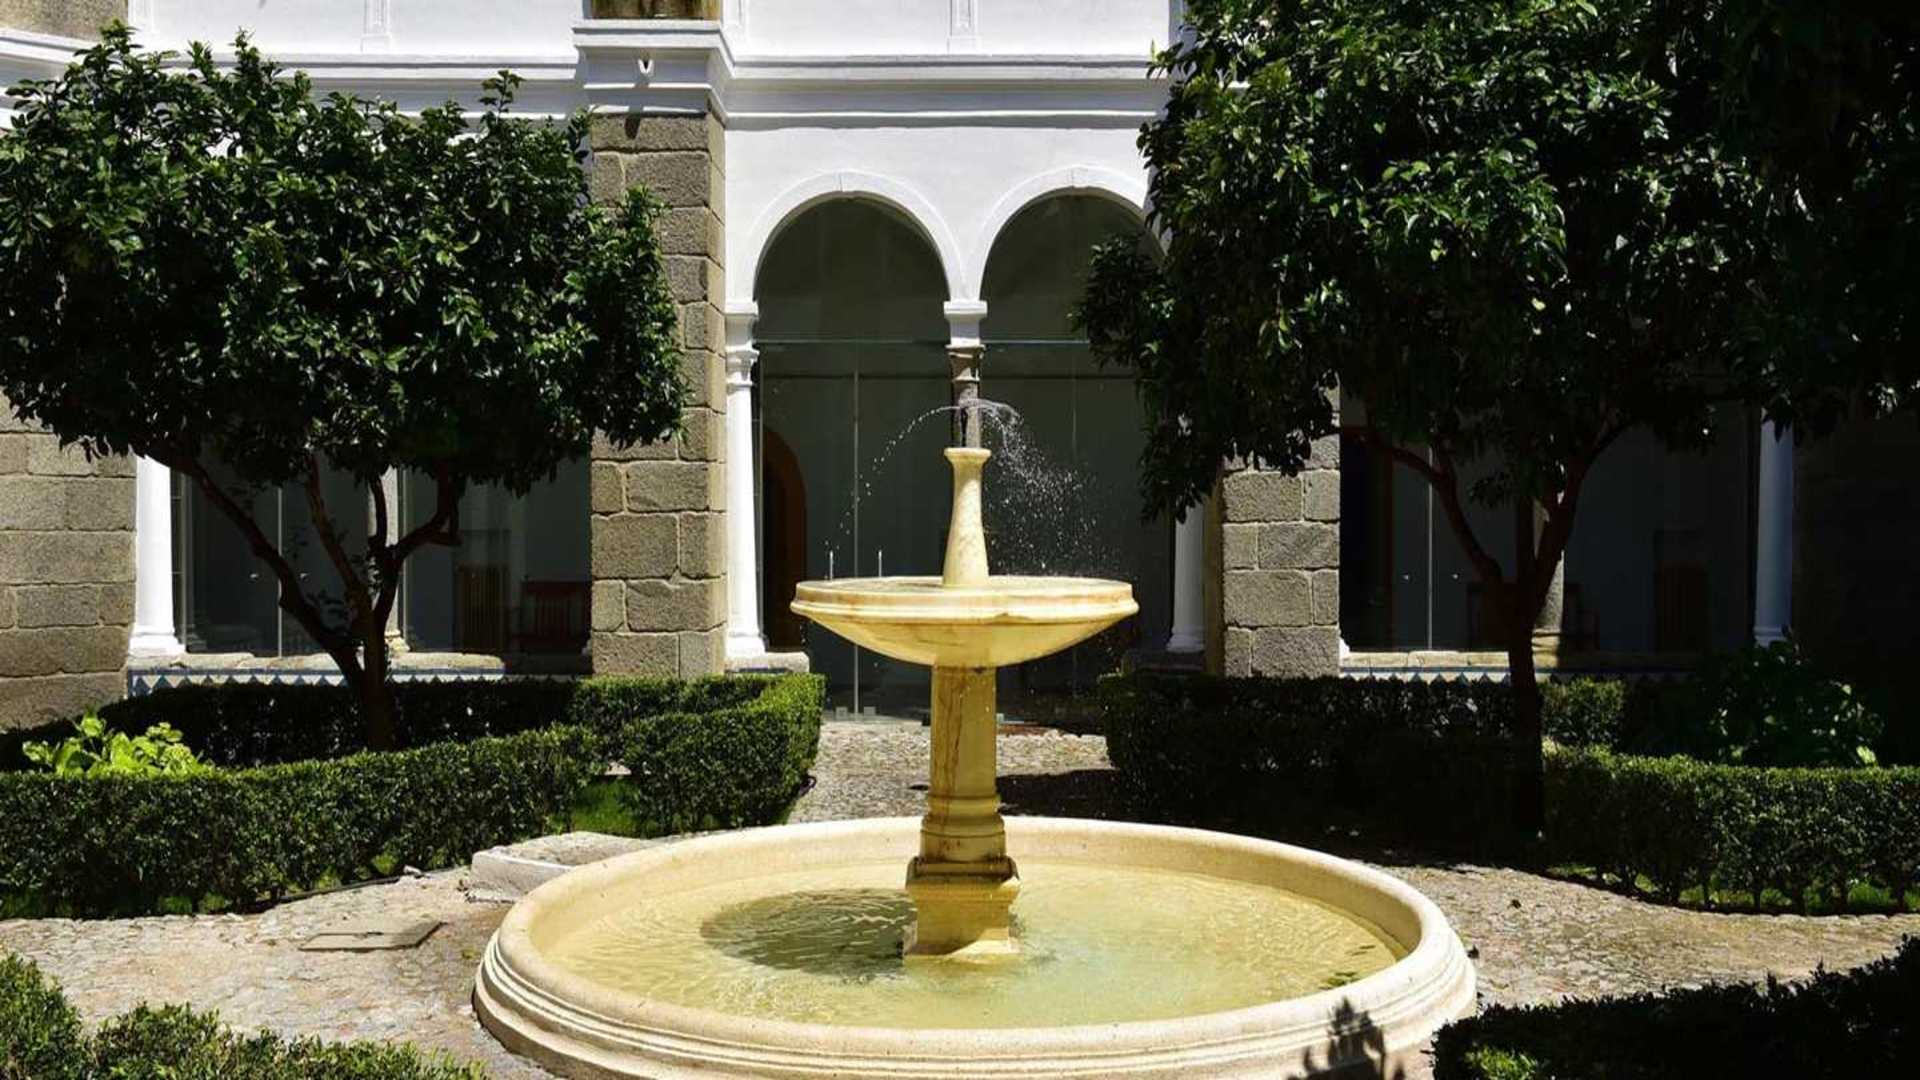 Fontein bij Pousada Arraiolos, Arraiolos, Alentejo, Portugal